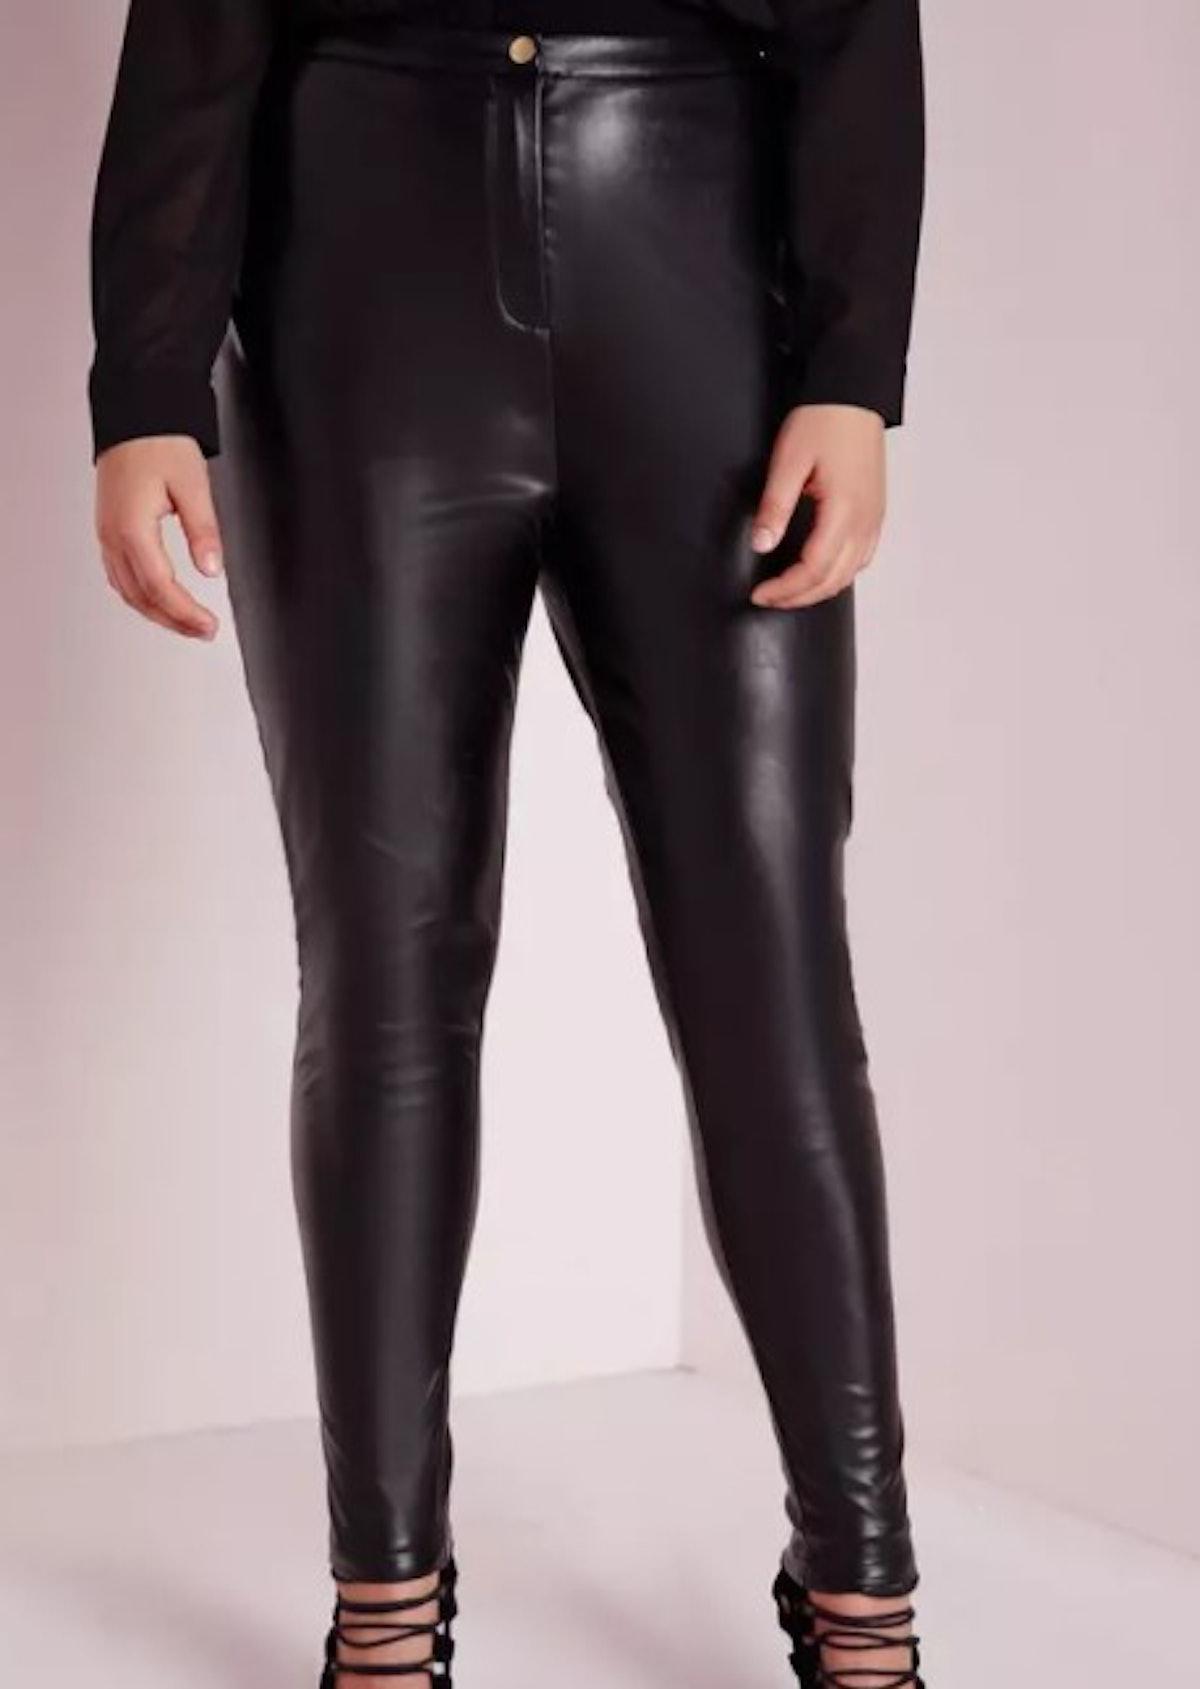 Plus Size Faux Leather Pants - Black